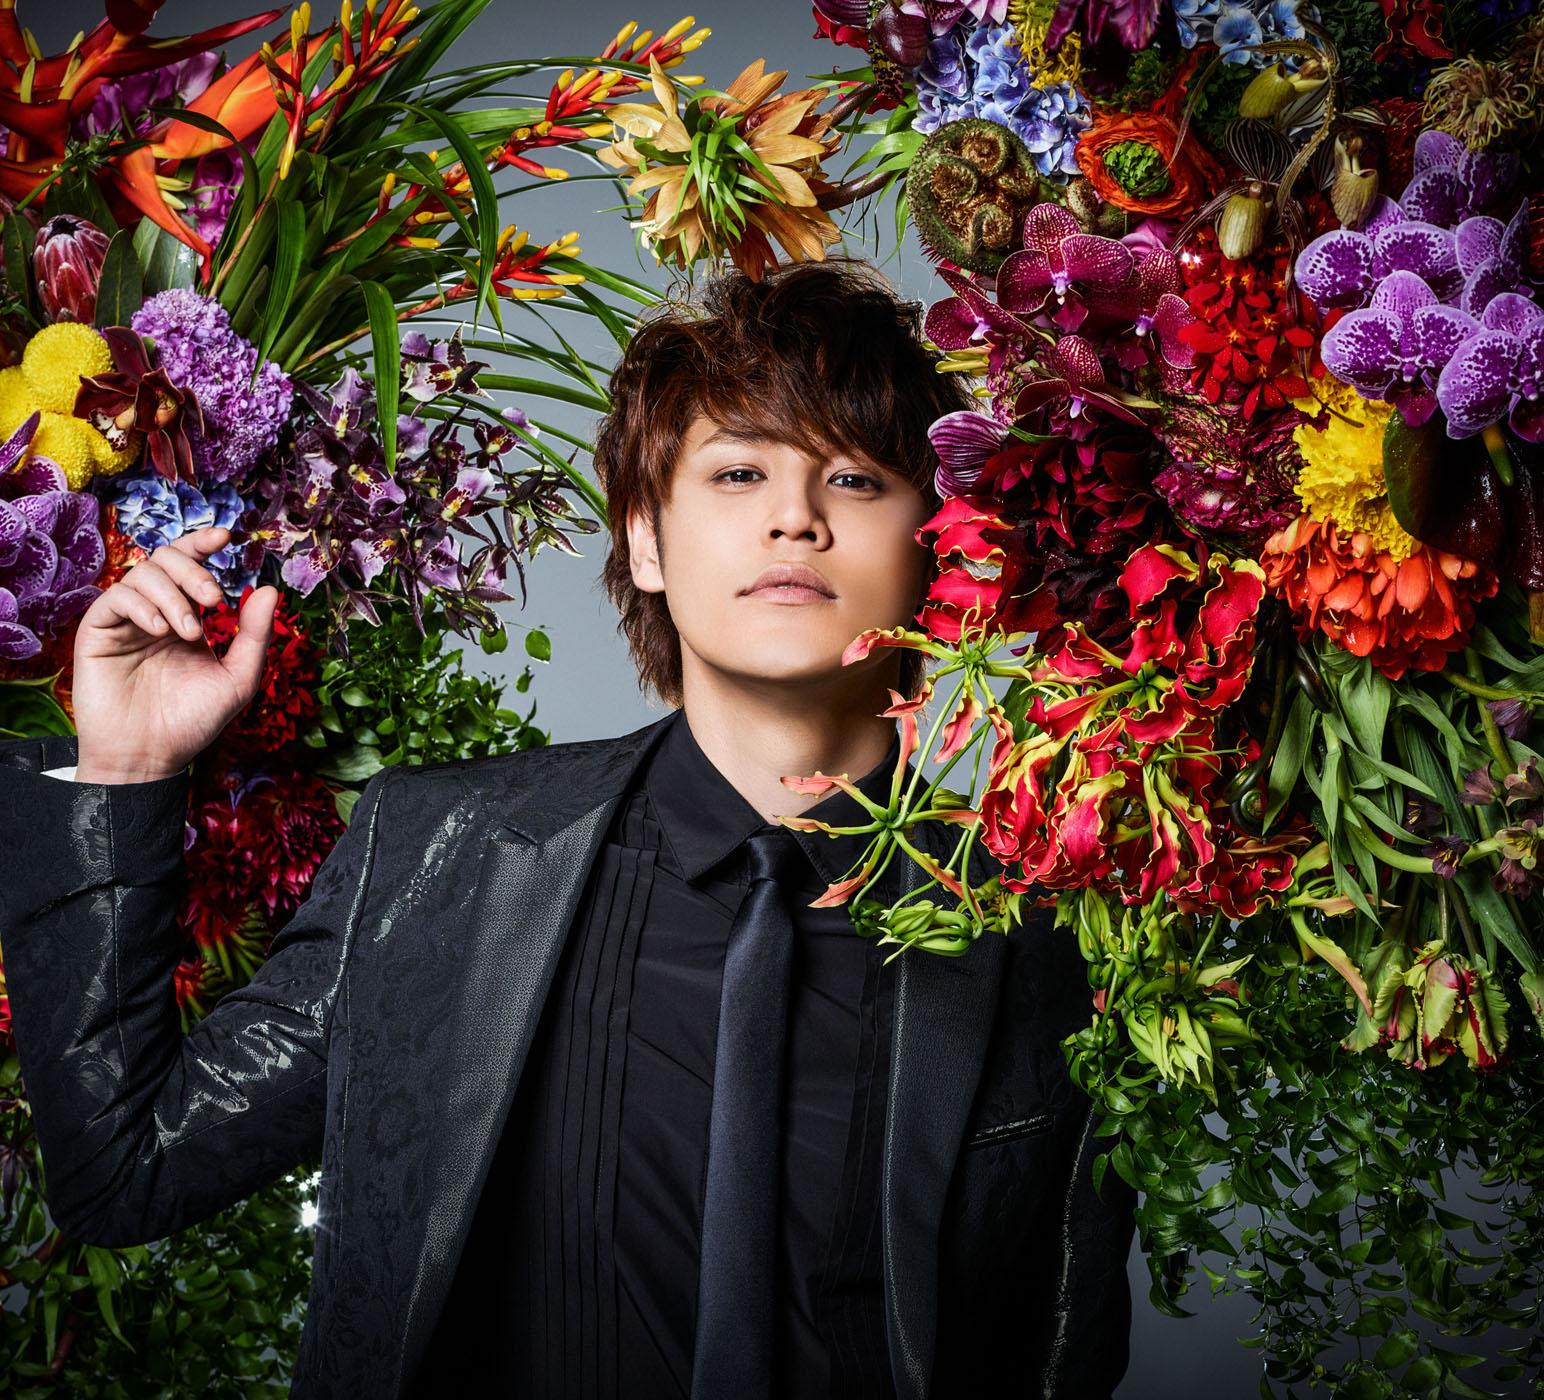 【お誕生日&10周年おめでとう!】宮野真守初のベストアルバム「MAMORU MIYANO presents M&M THE BEST」配信スタート!